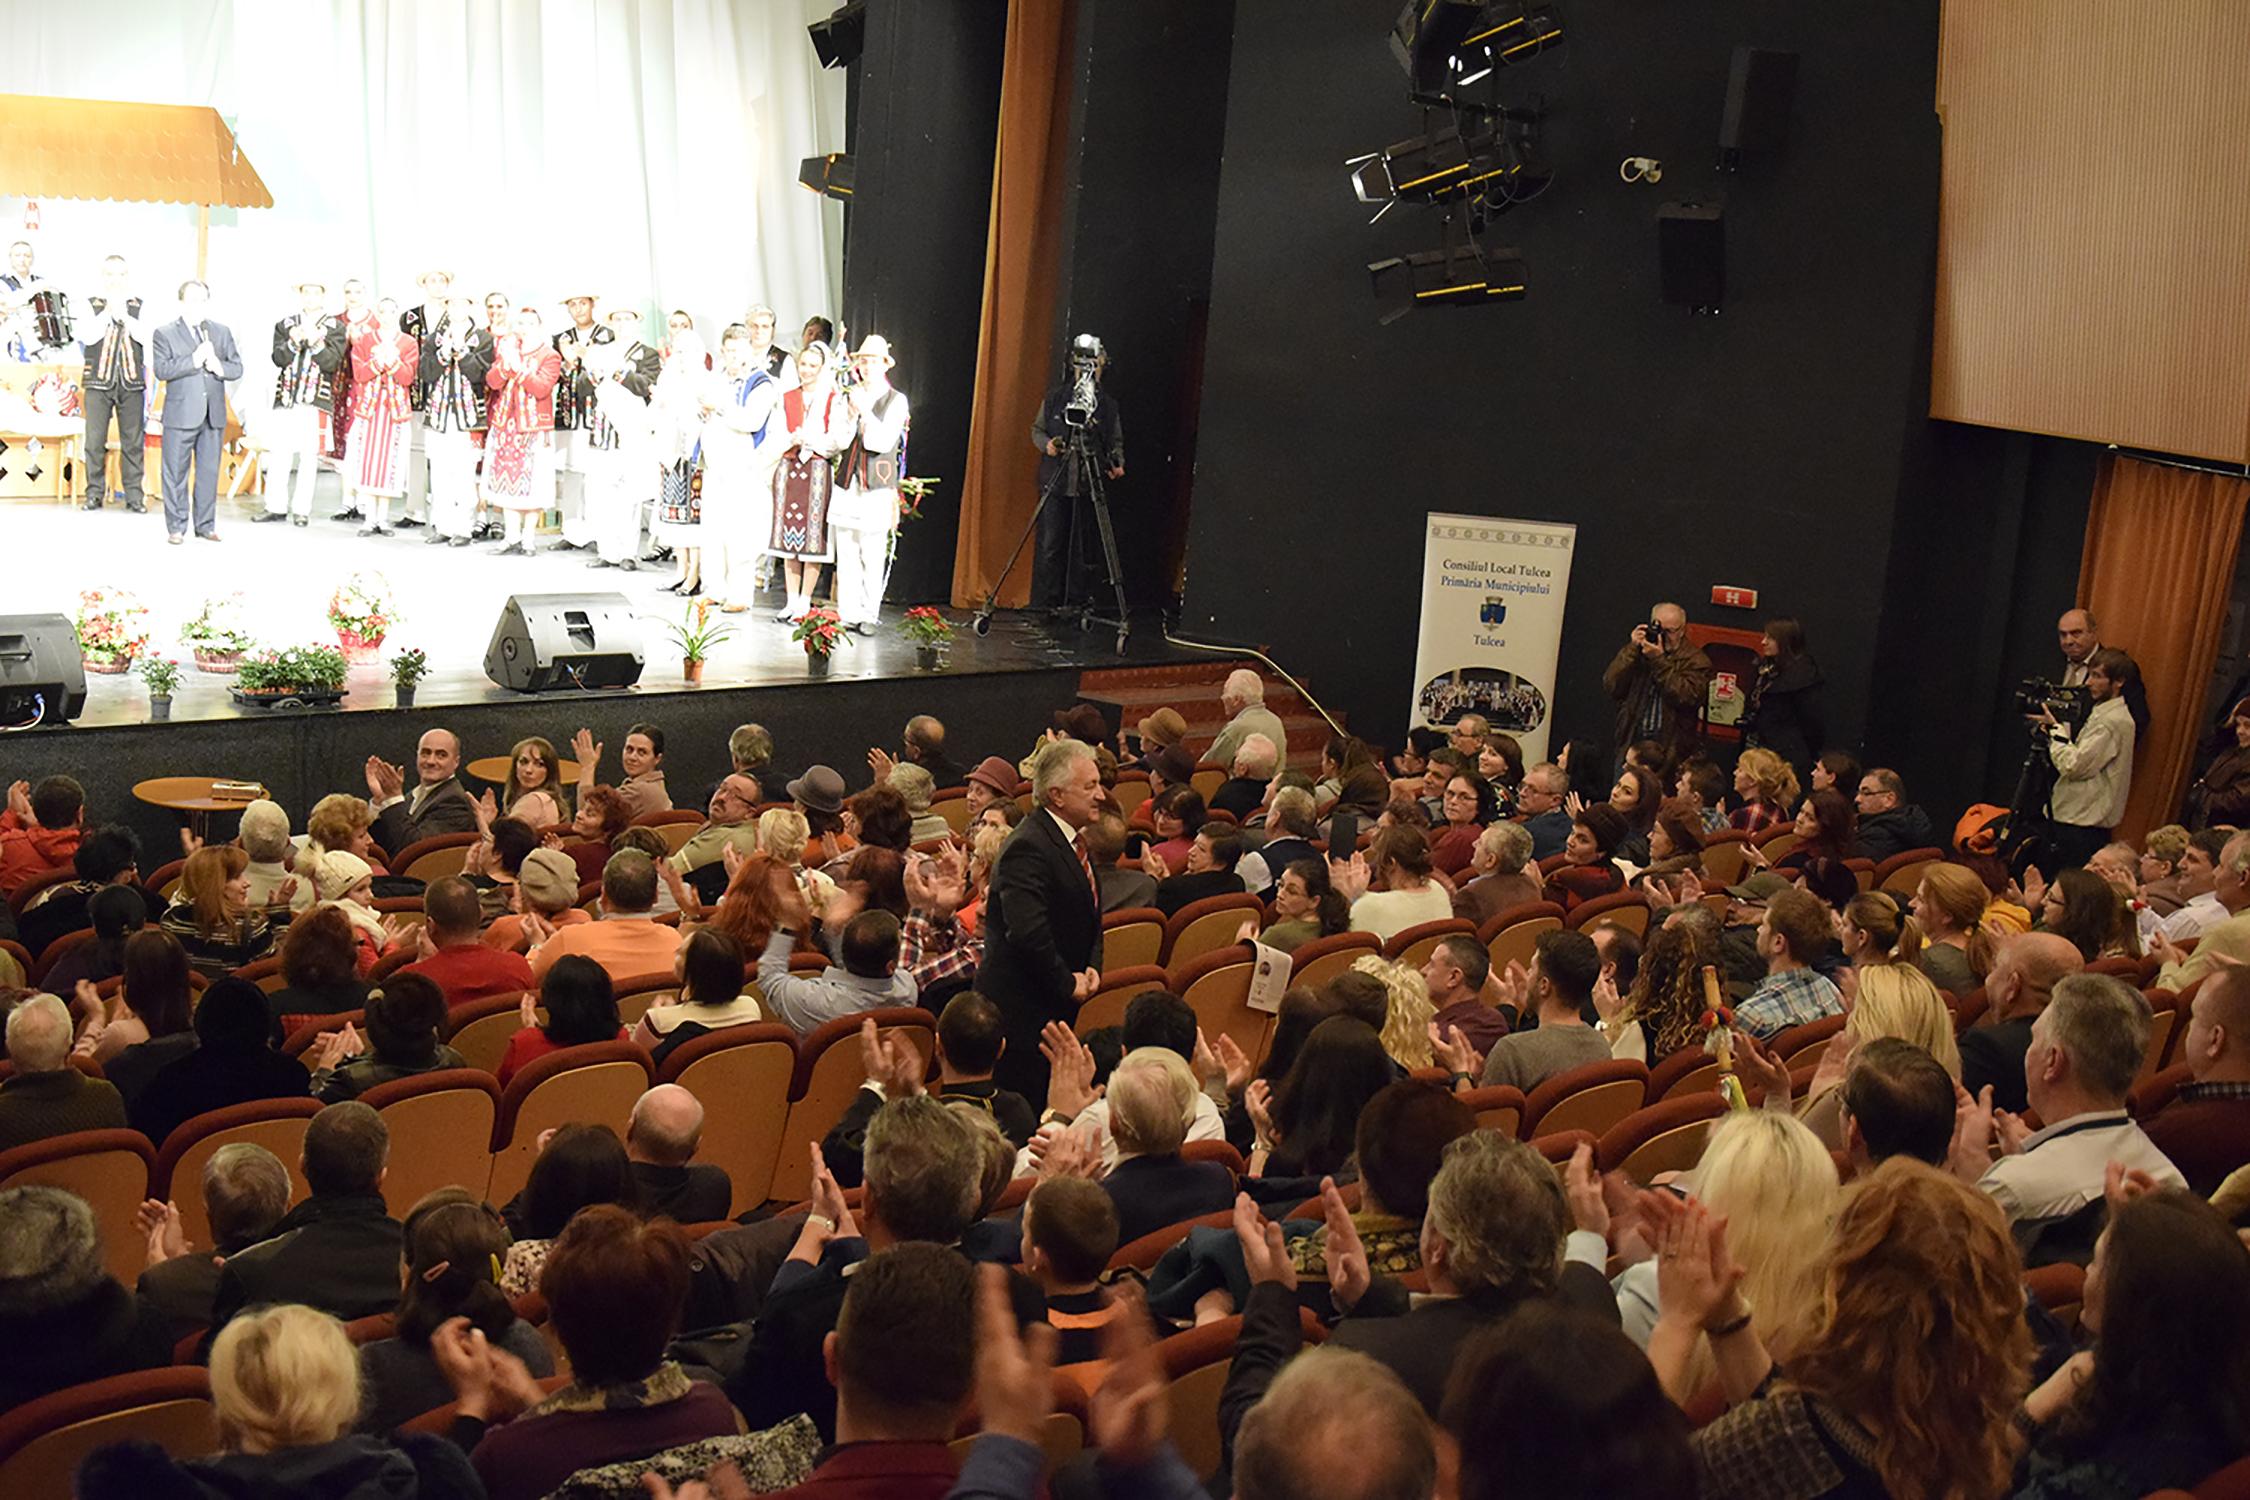 18.Sala aplaudând artiștii. Primarul Municipiului Tulcea se îndreaptă spre scenă